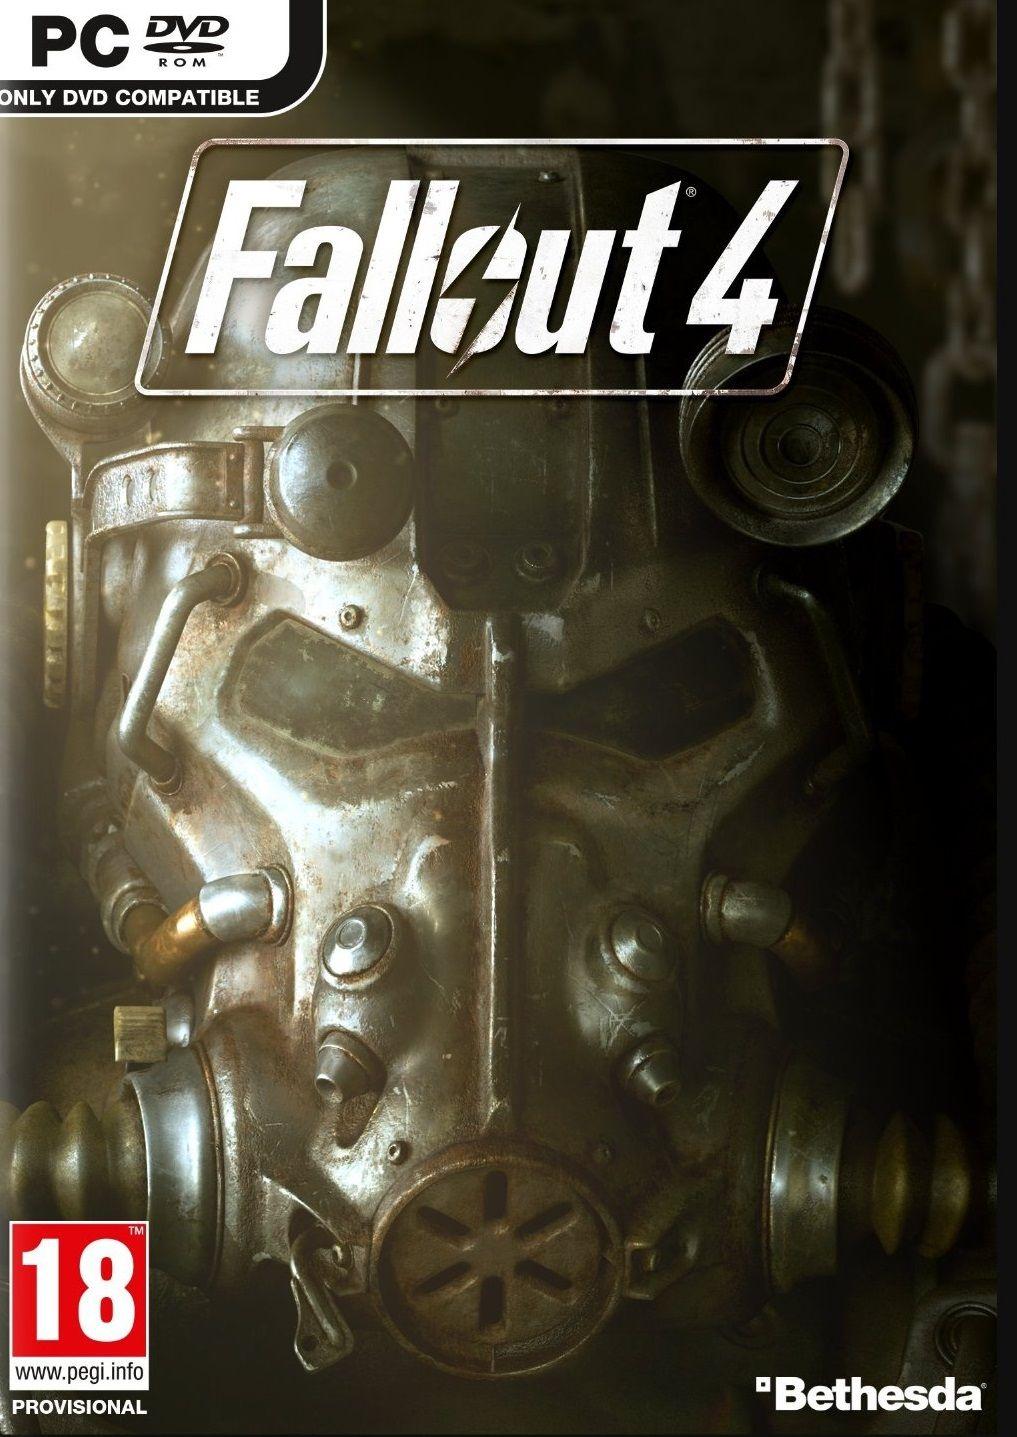 Fallout 4 (PC) - 1